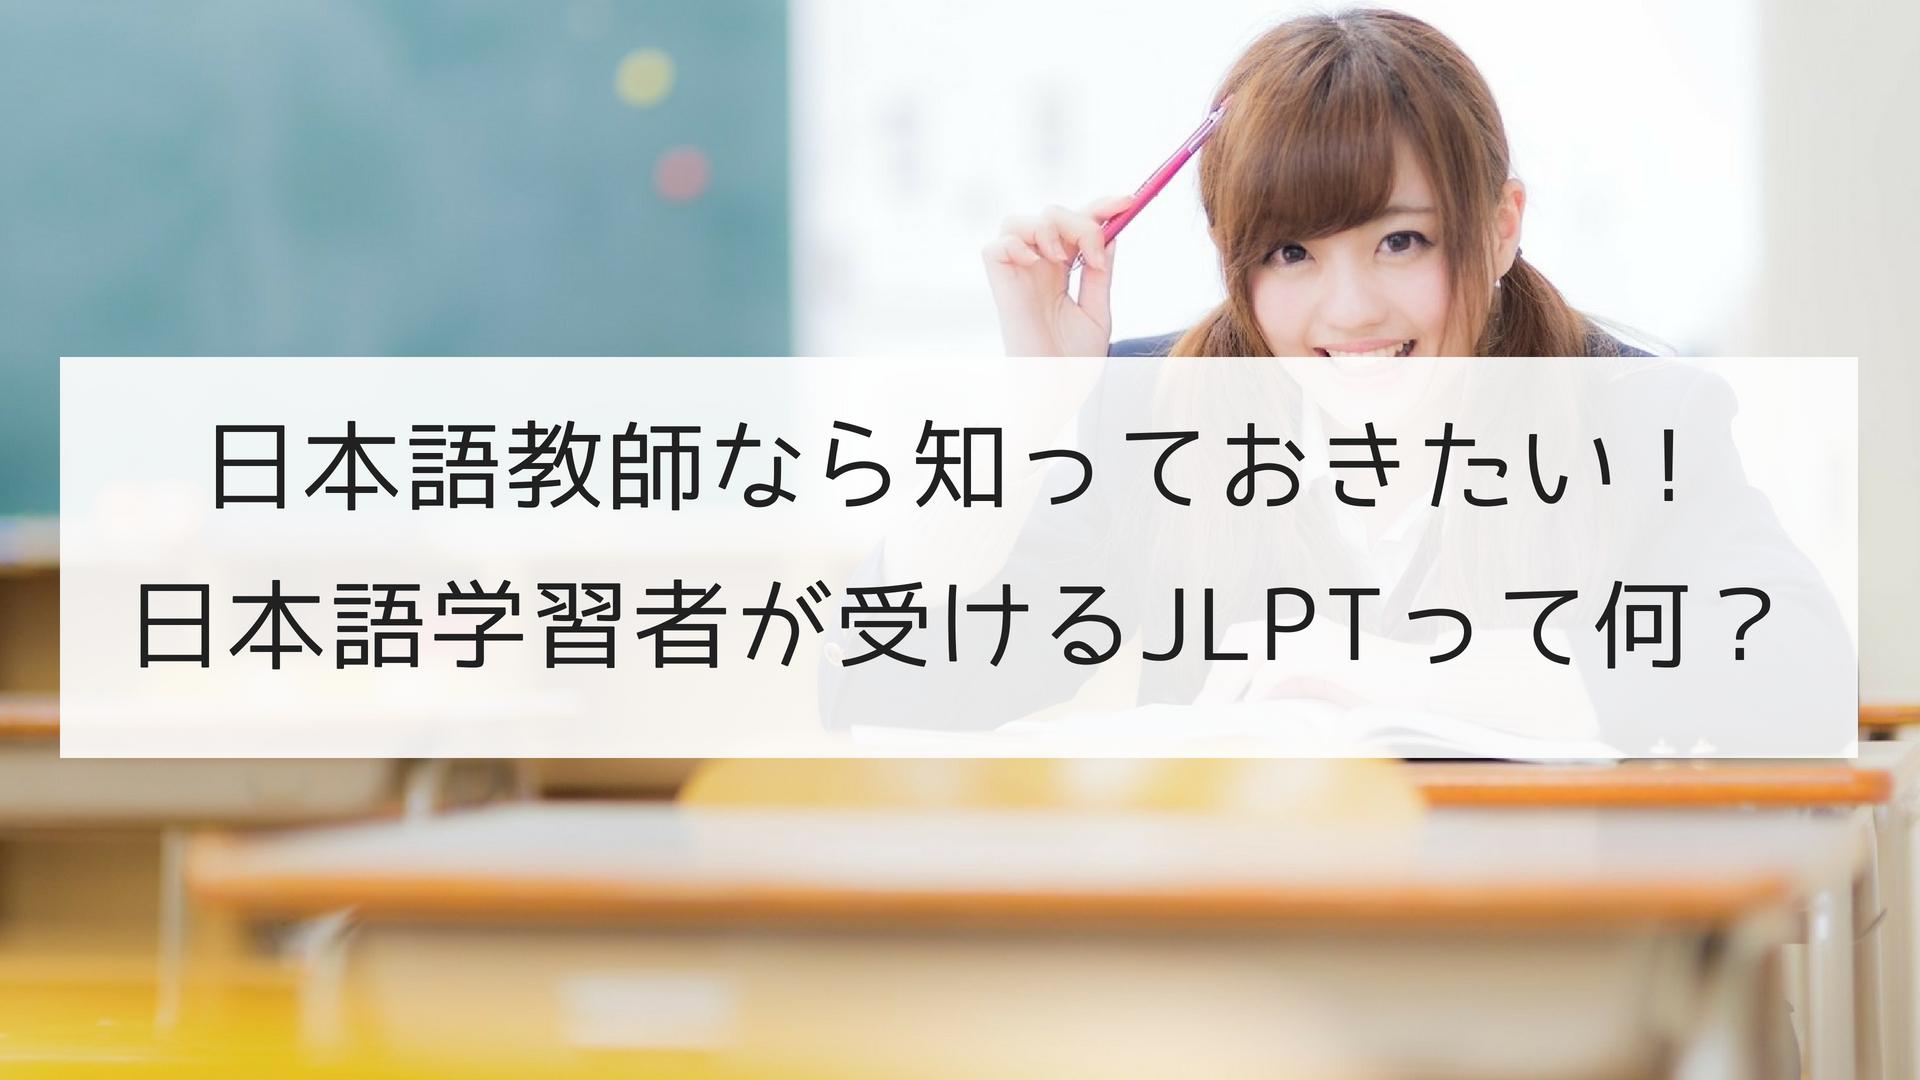 日本語教師なら知っておきたい!日本語学習者が受けるJLPTって何?